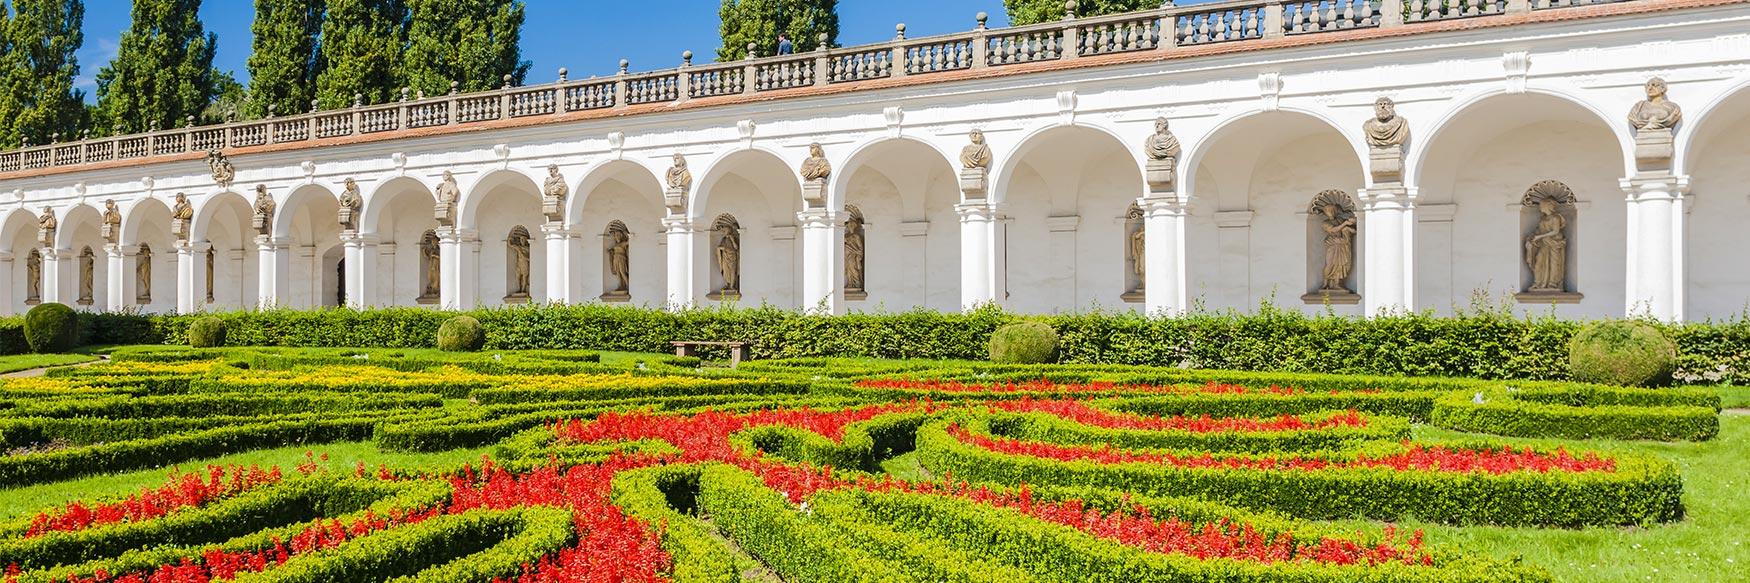 Flower Garden, Kromeriz Palace, Moravia, Czechia